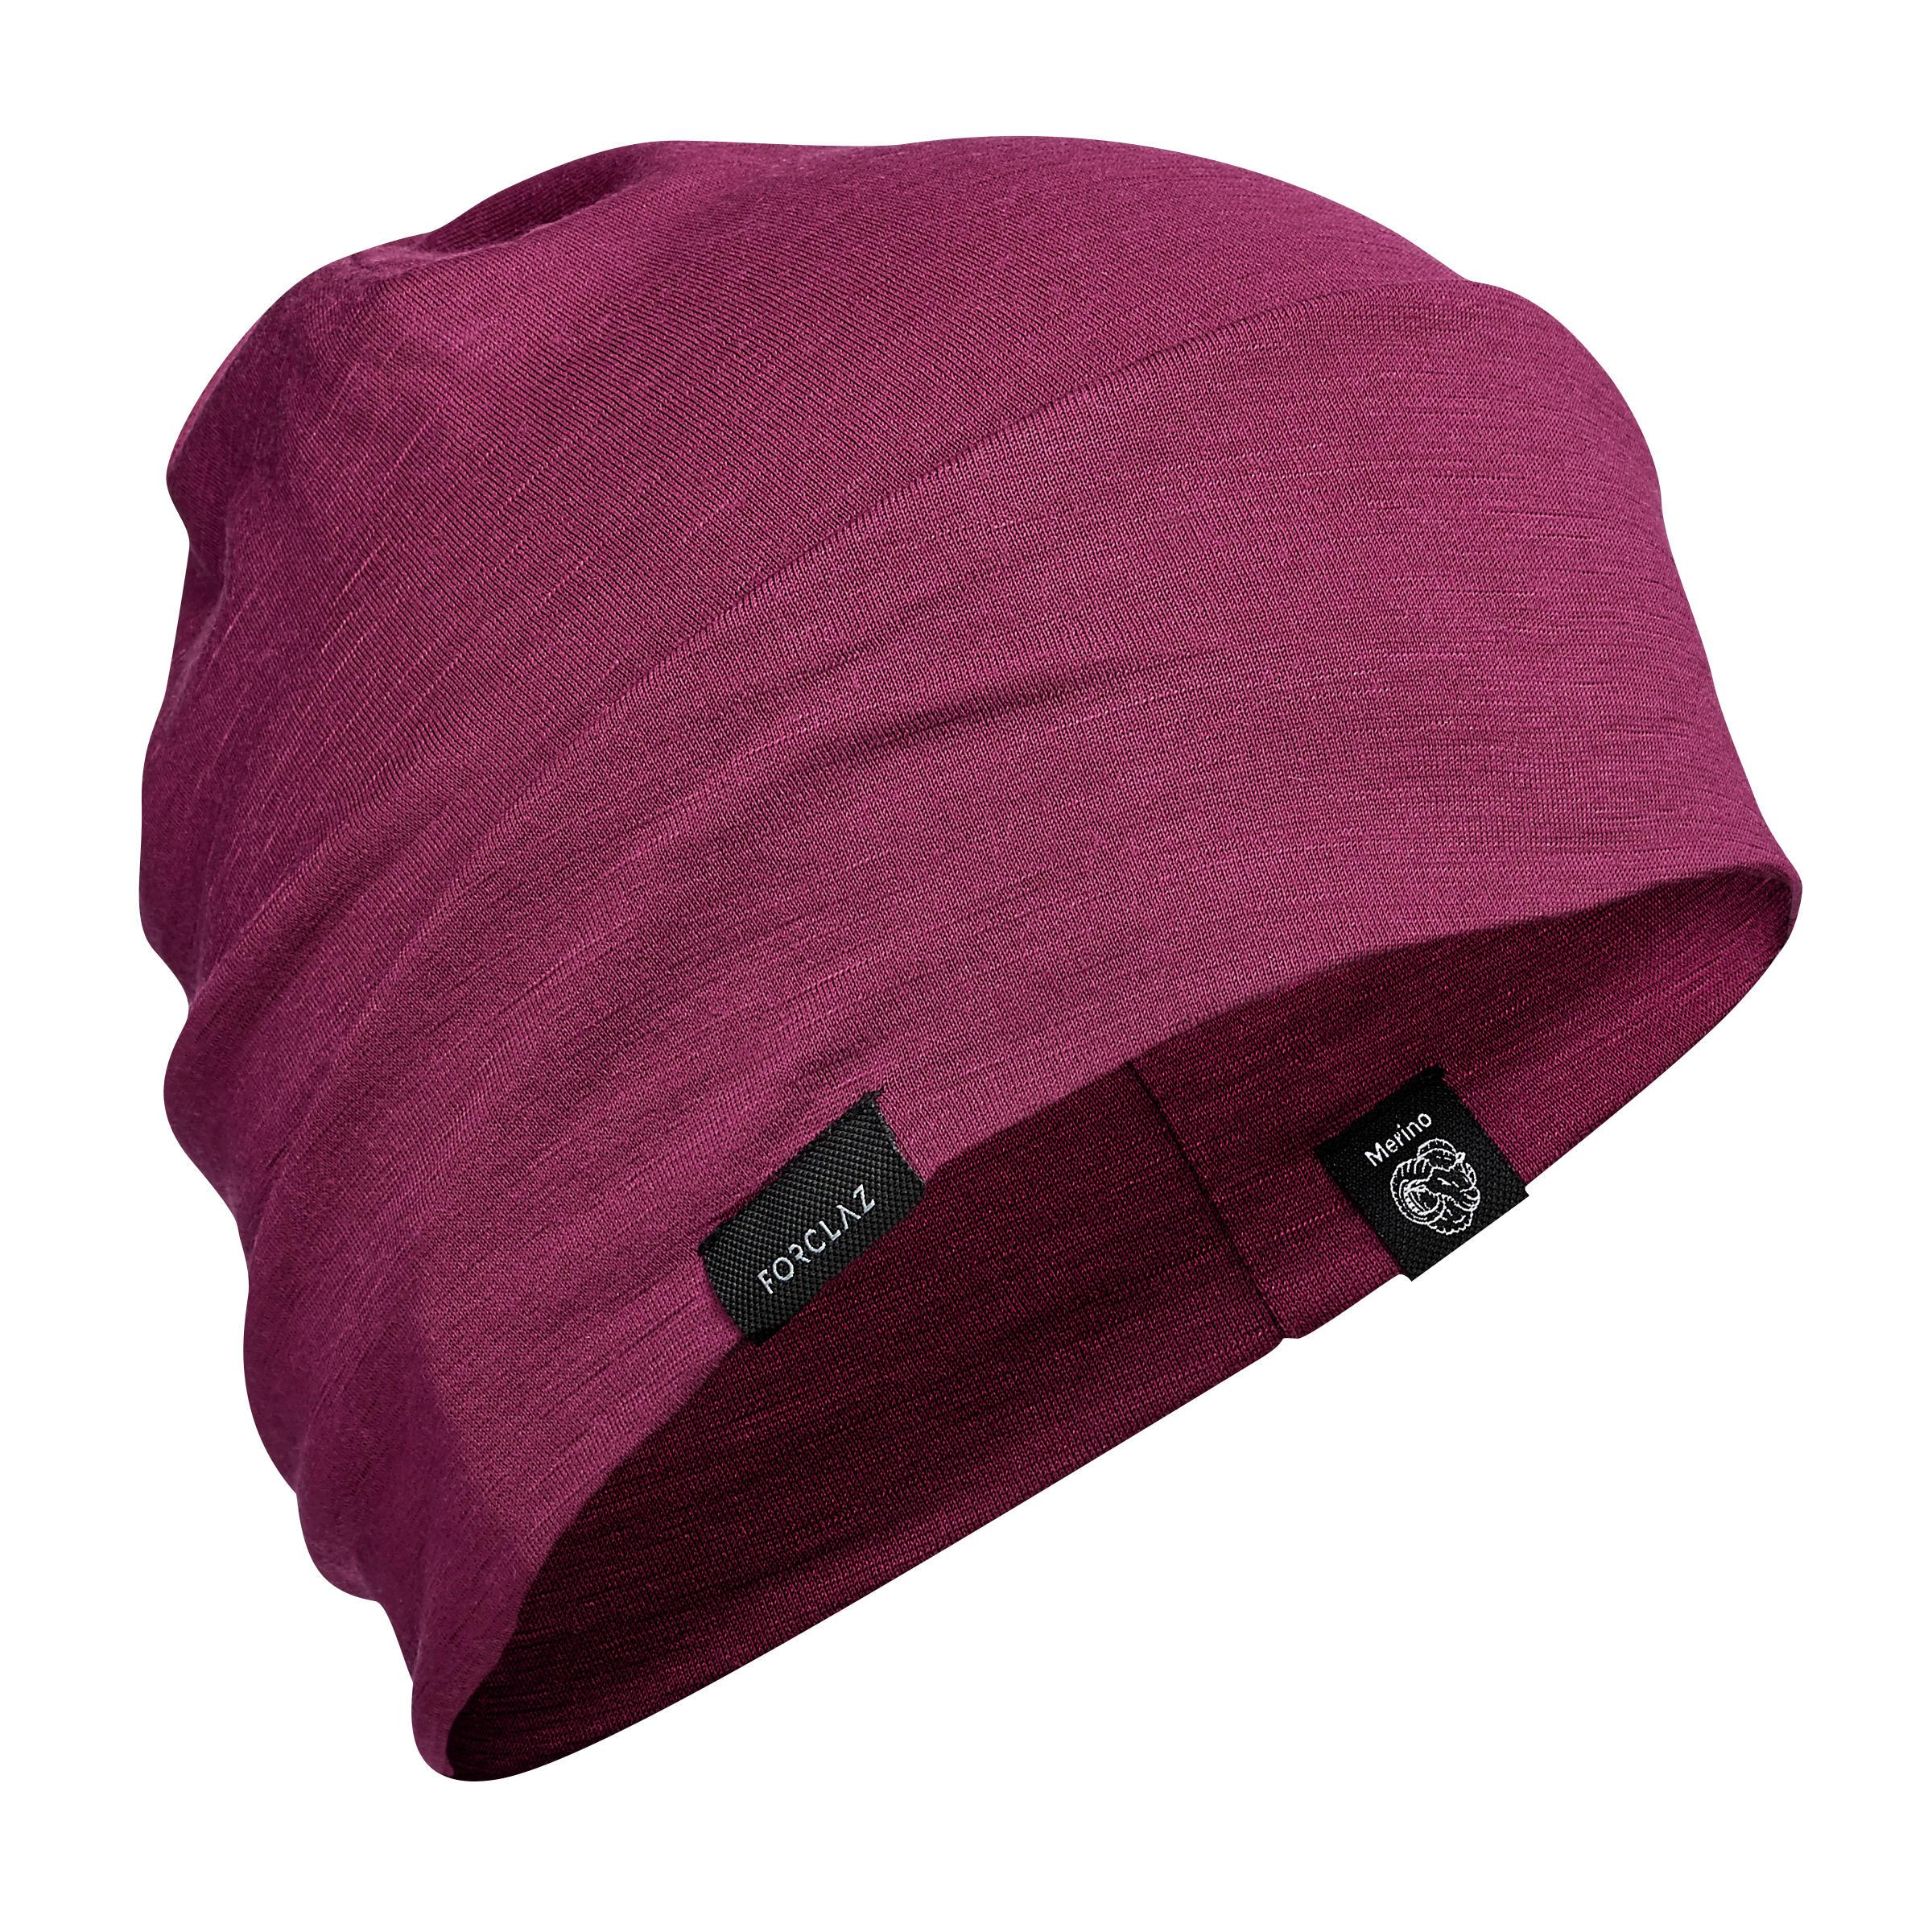 Merino Strickmütze Beanie Trek 500 violett | Accessoires > Mützen > Beanies | Violett | Forclaz